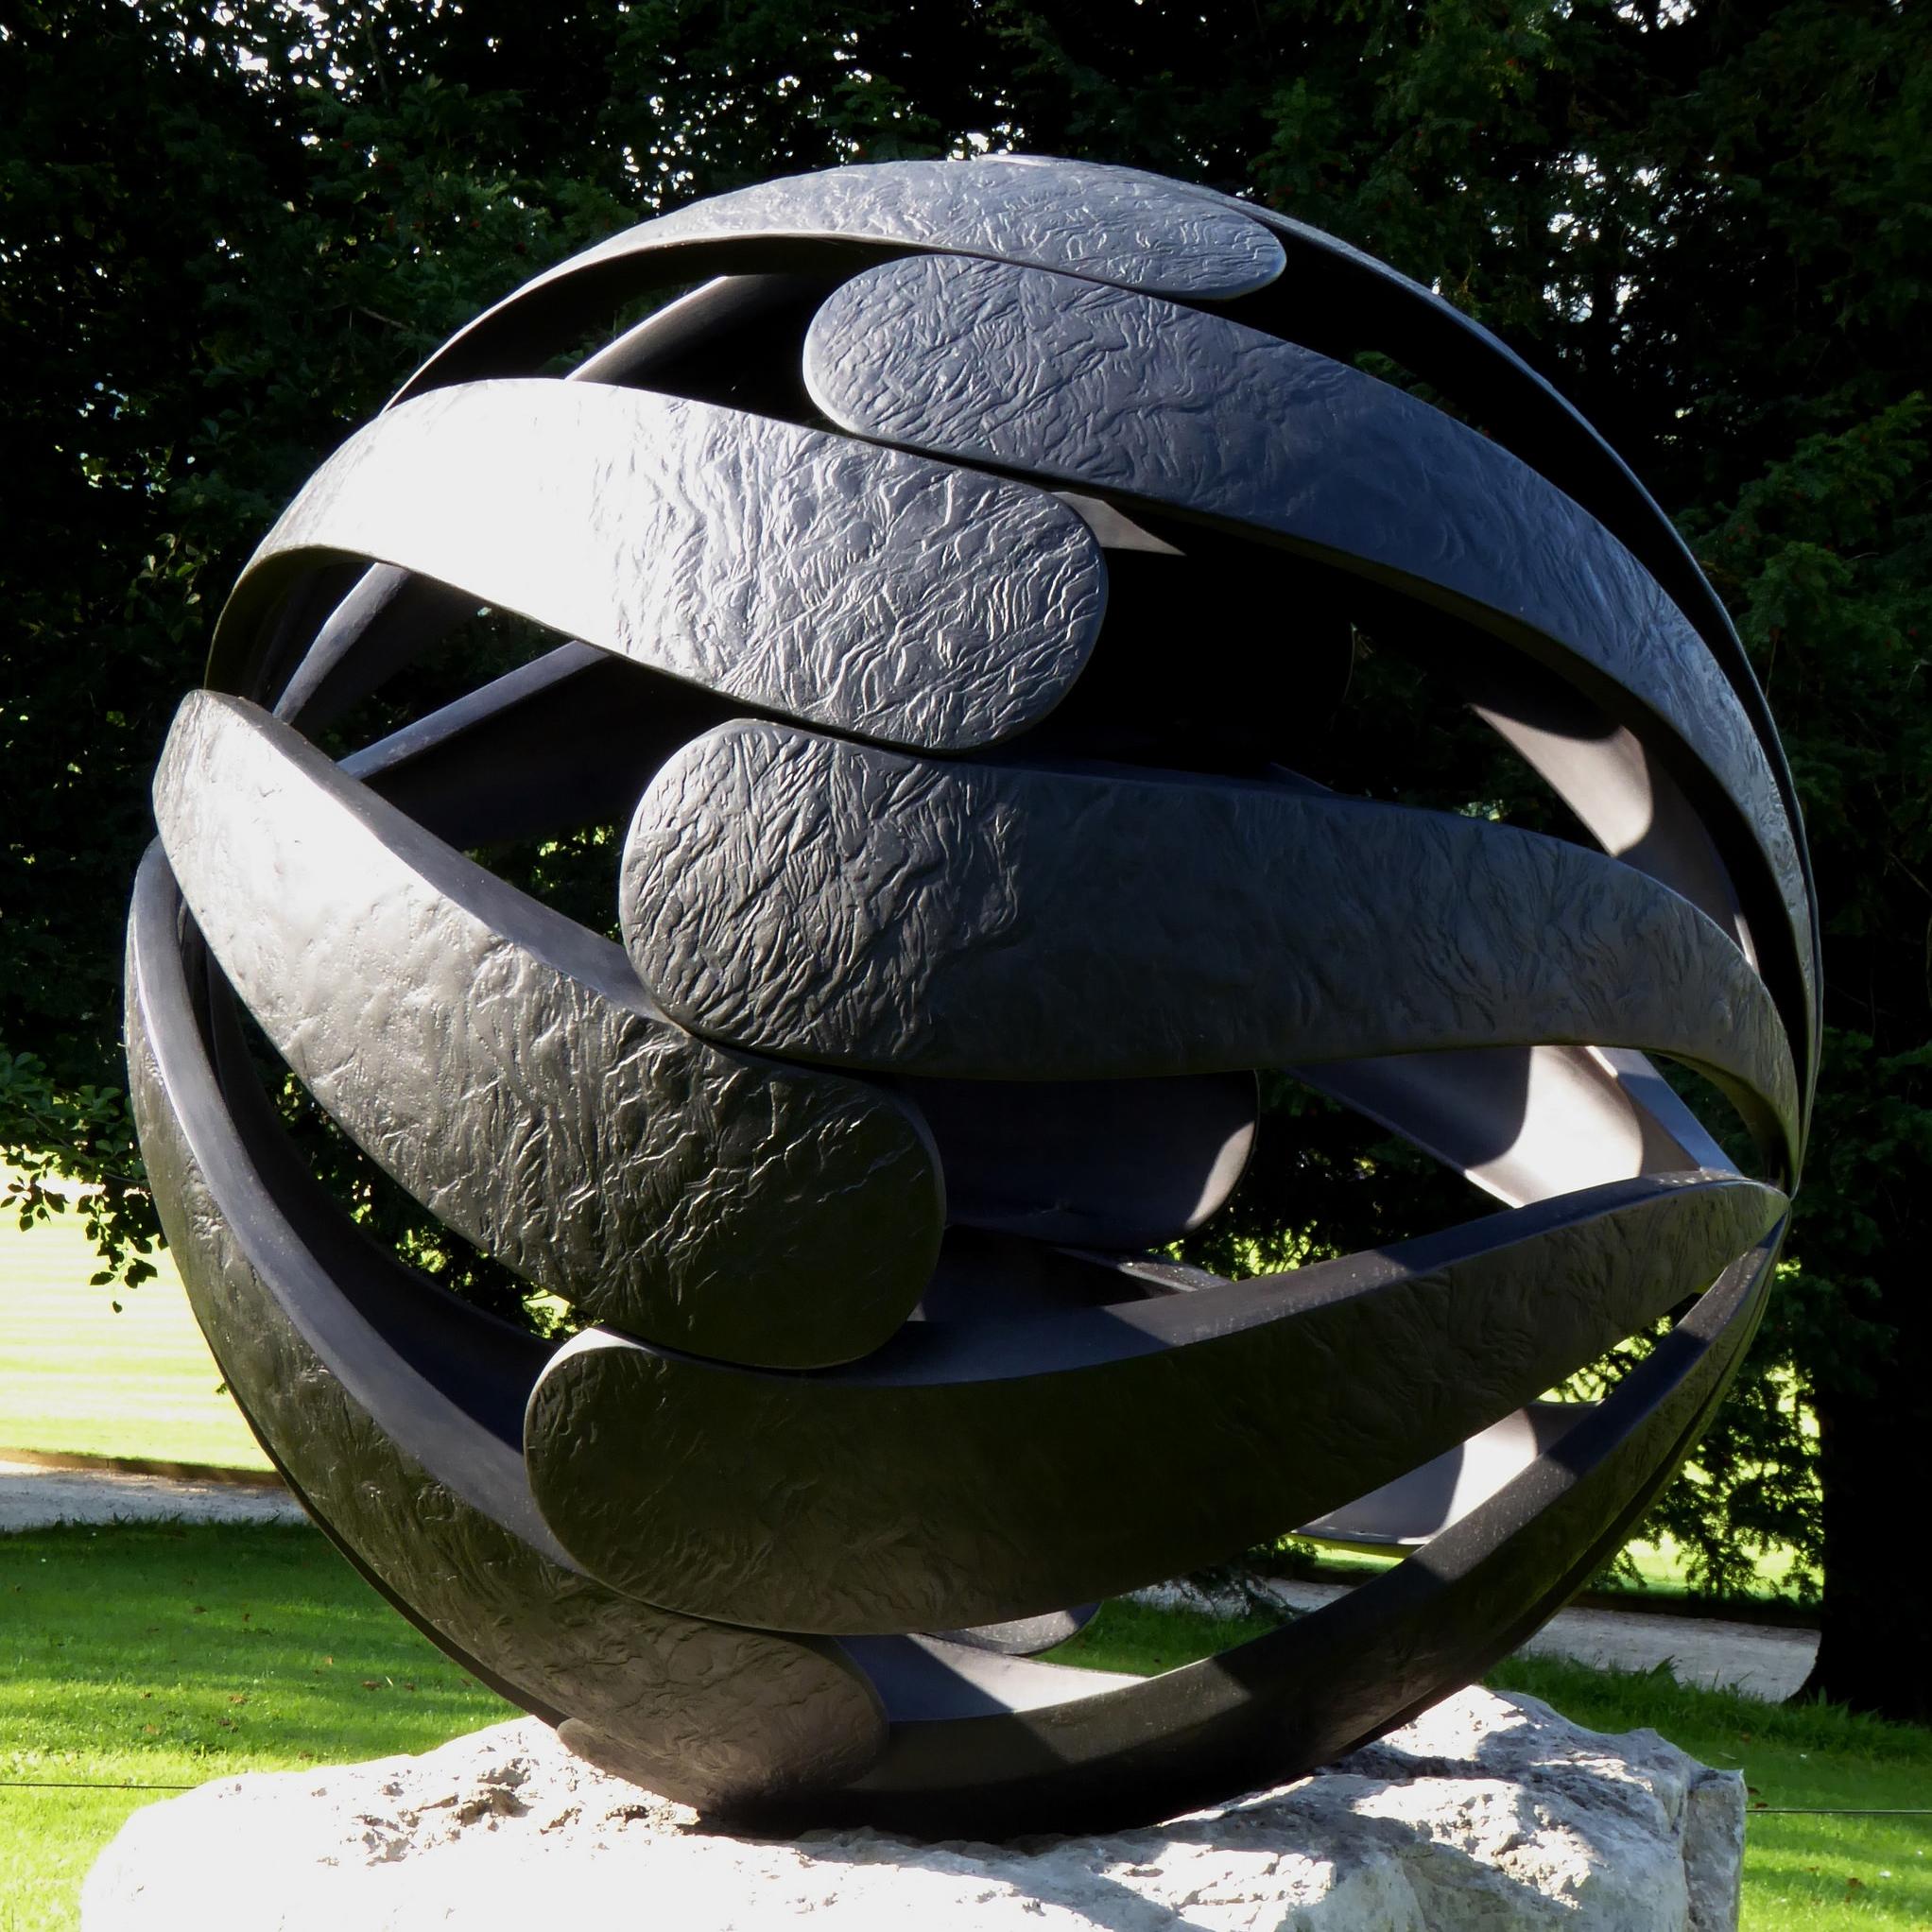 folium hollow sphere sculpture